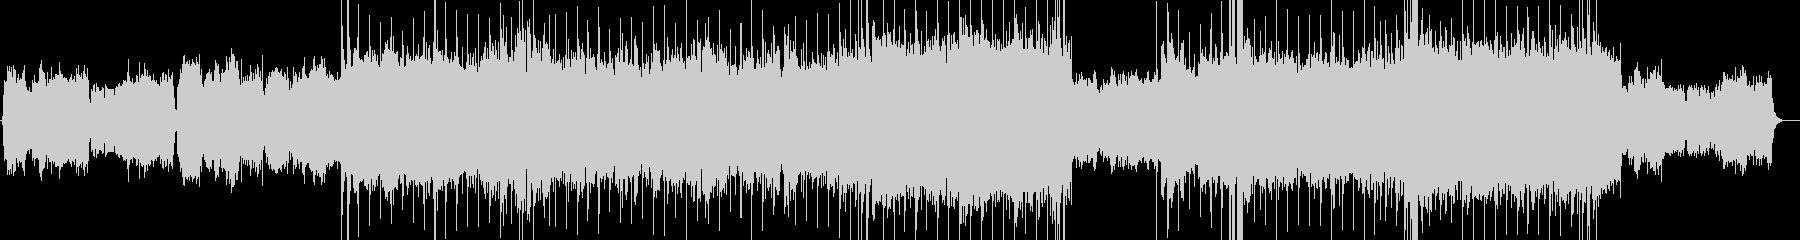 感動的ストリングス ハードロックバラードの未再生の波形